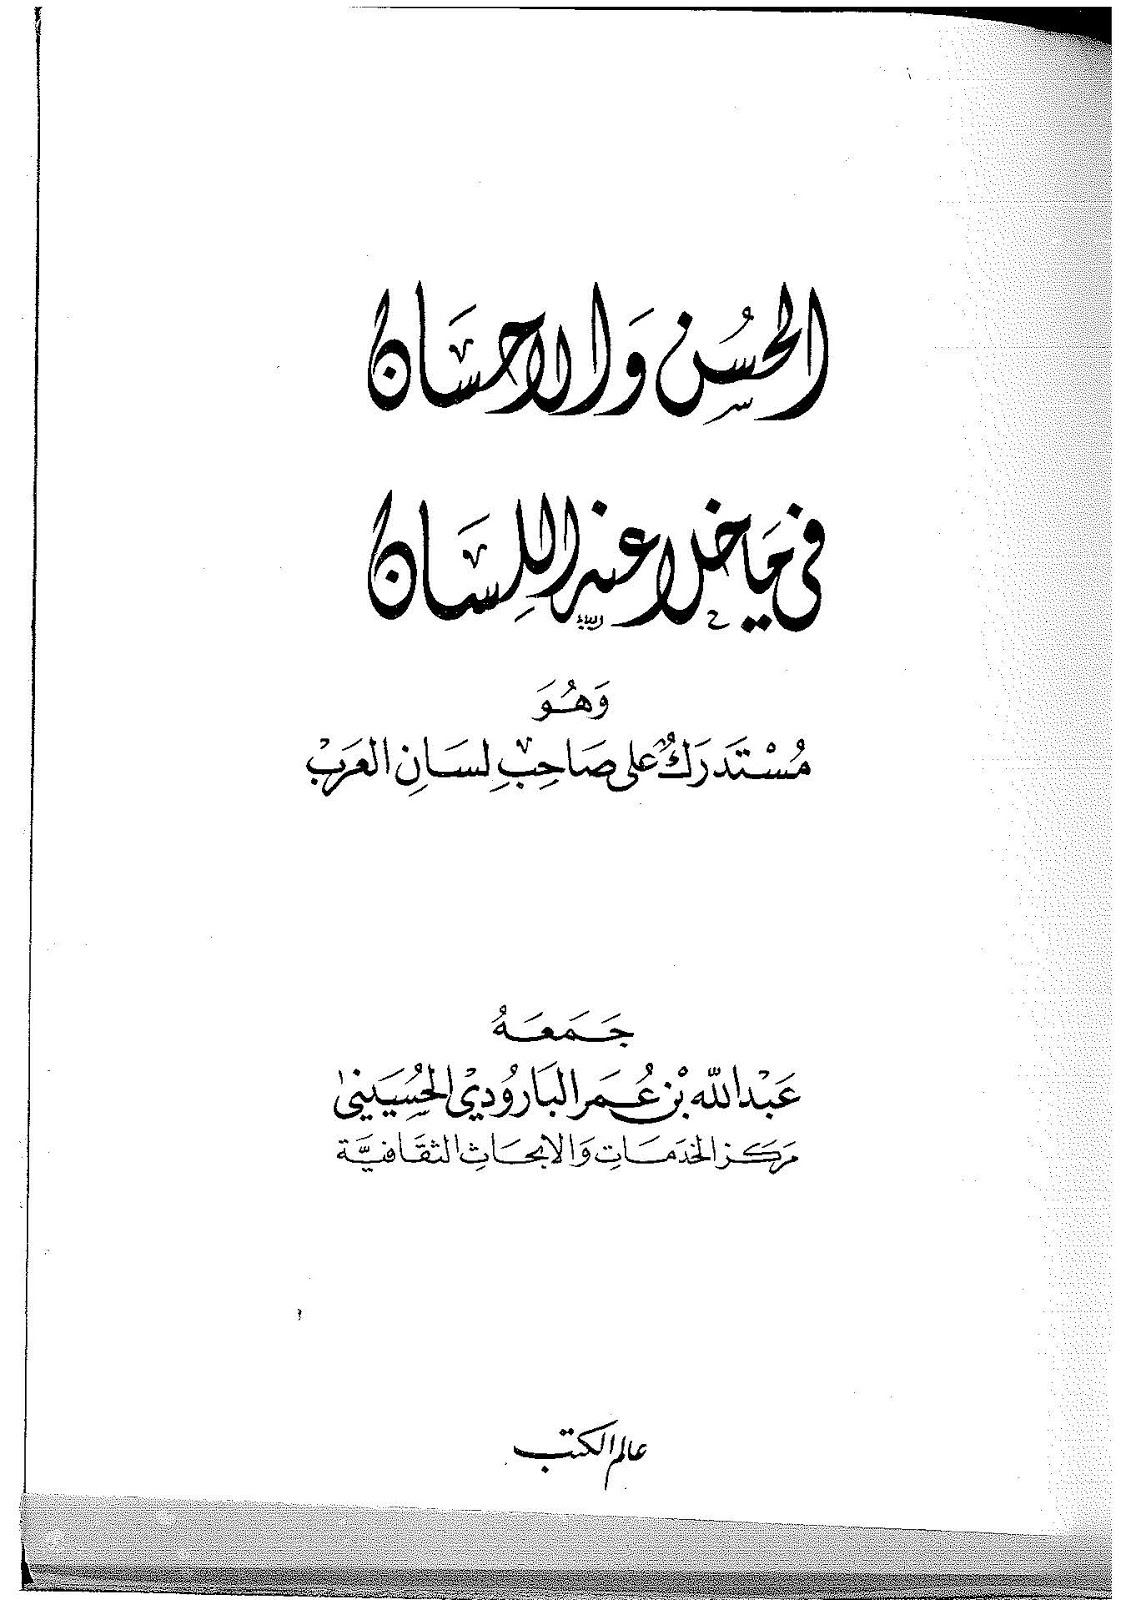 الحسن والإحسان فيما خلا عنه اللسان (وهو مستدرك على صاحب لسان العرب) - عبد الله الحسيني